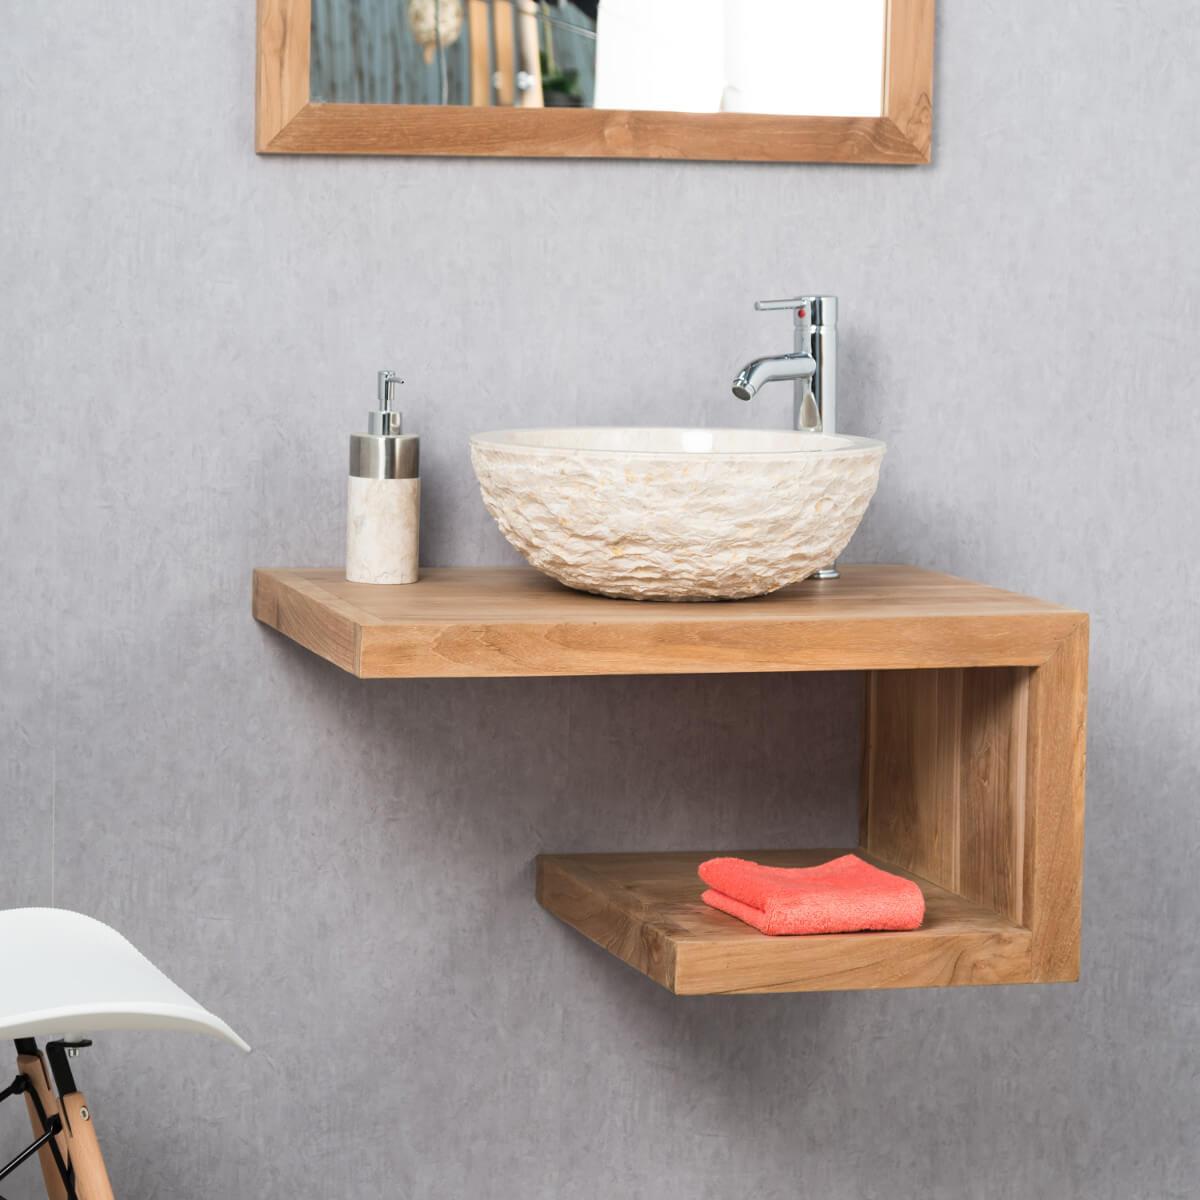 meuble sous vasque simple vasque en bois teck massif. Black Bedroom Furniture Sets. Home Design Ideas